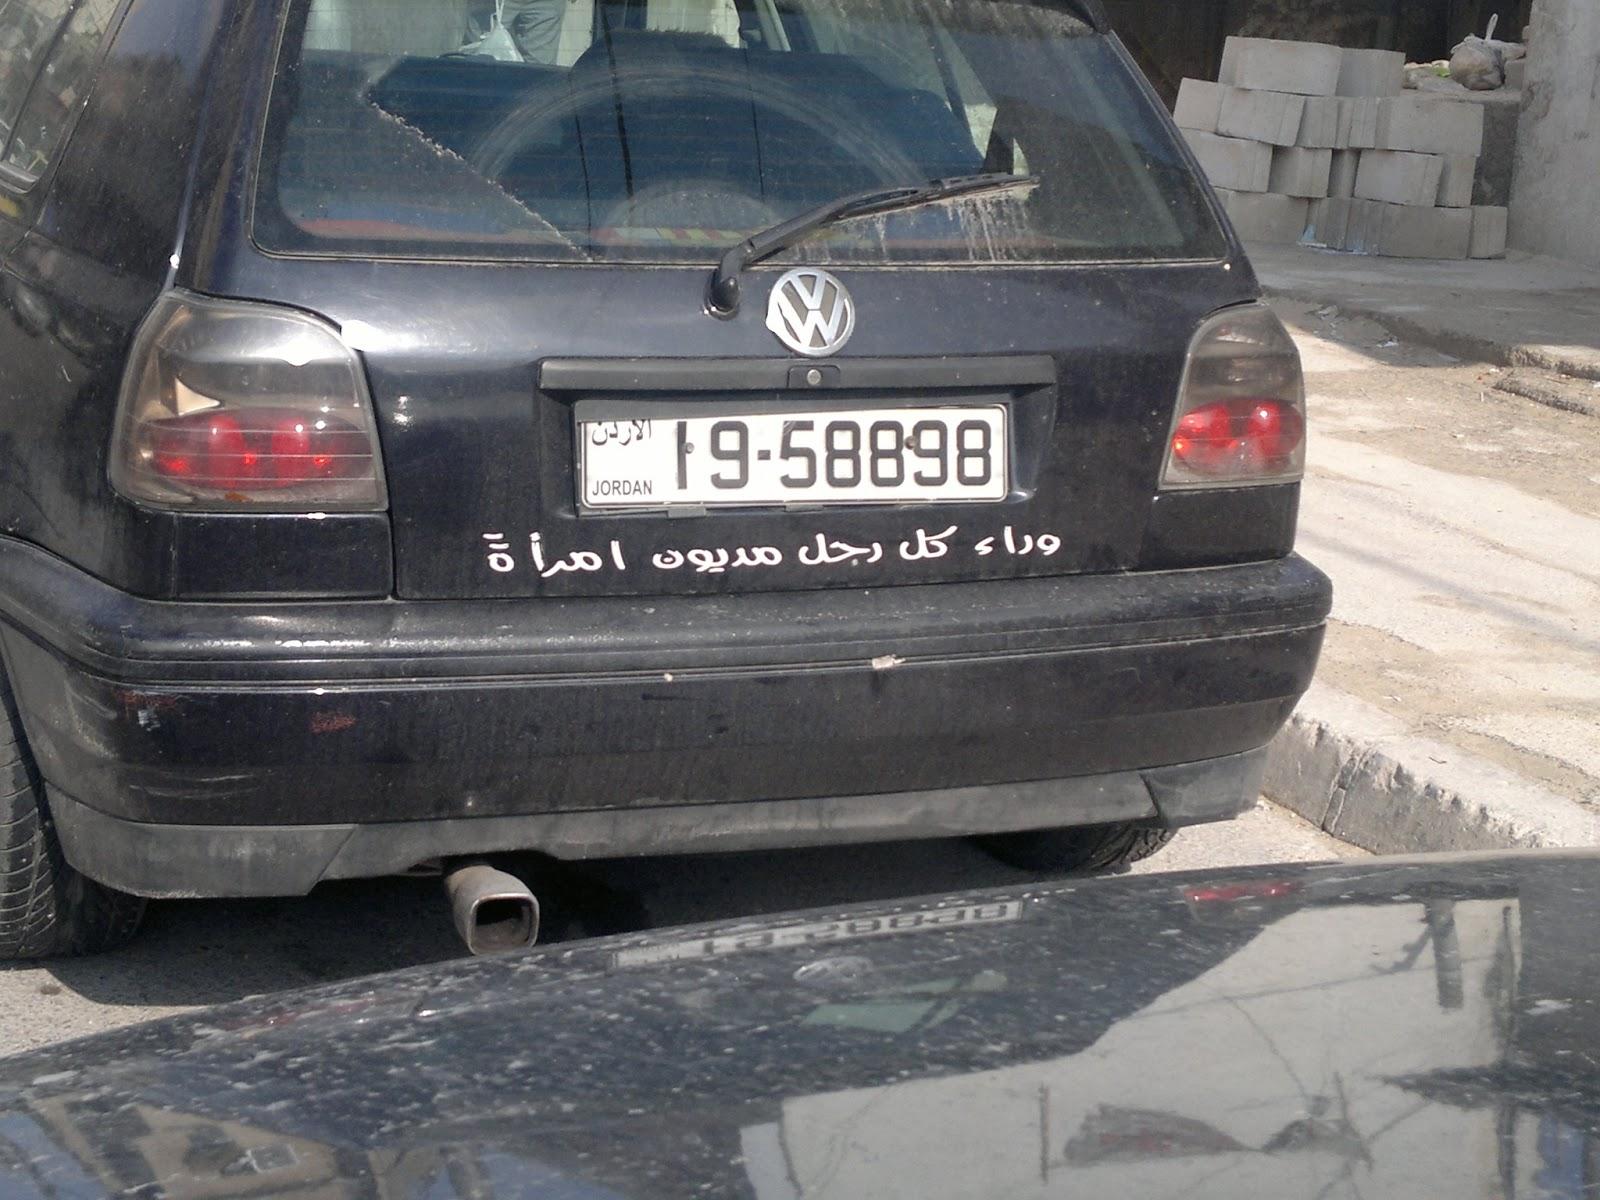 صورة عبارات سيارات , اروع عبارات مكتوبه على السيارات